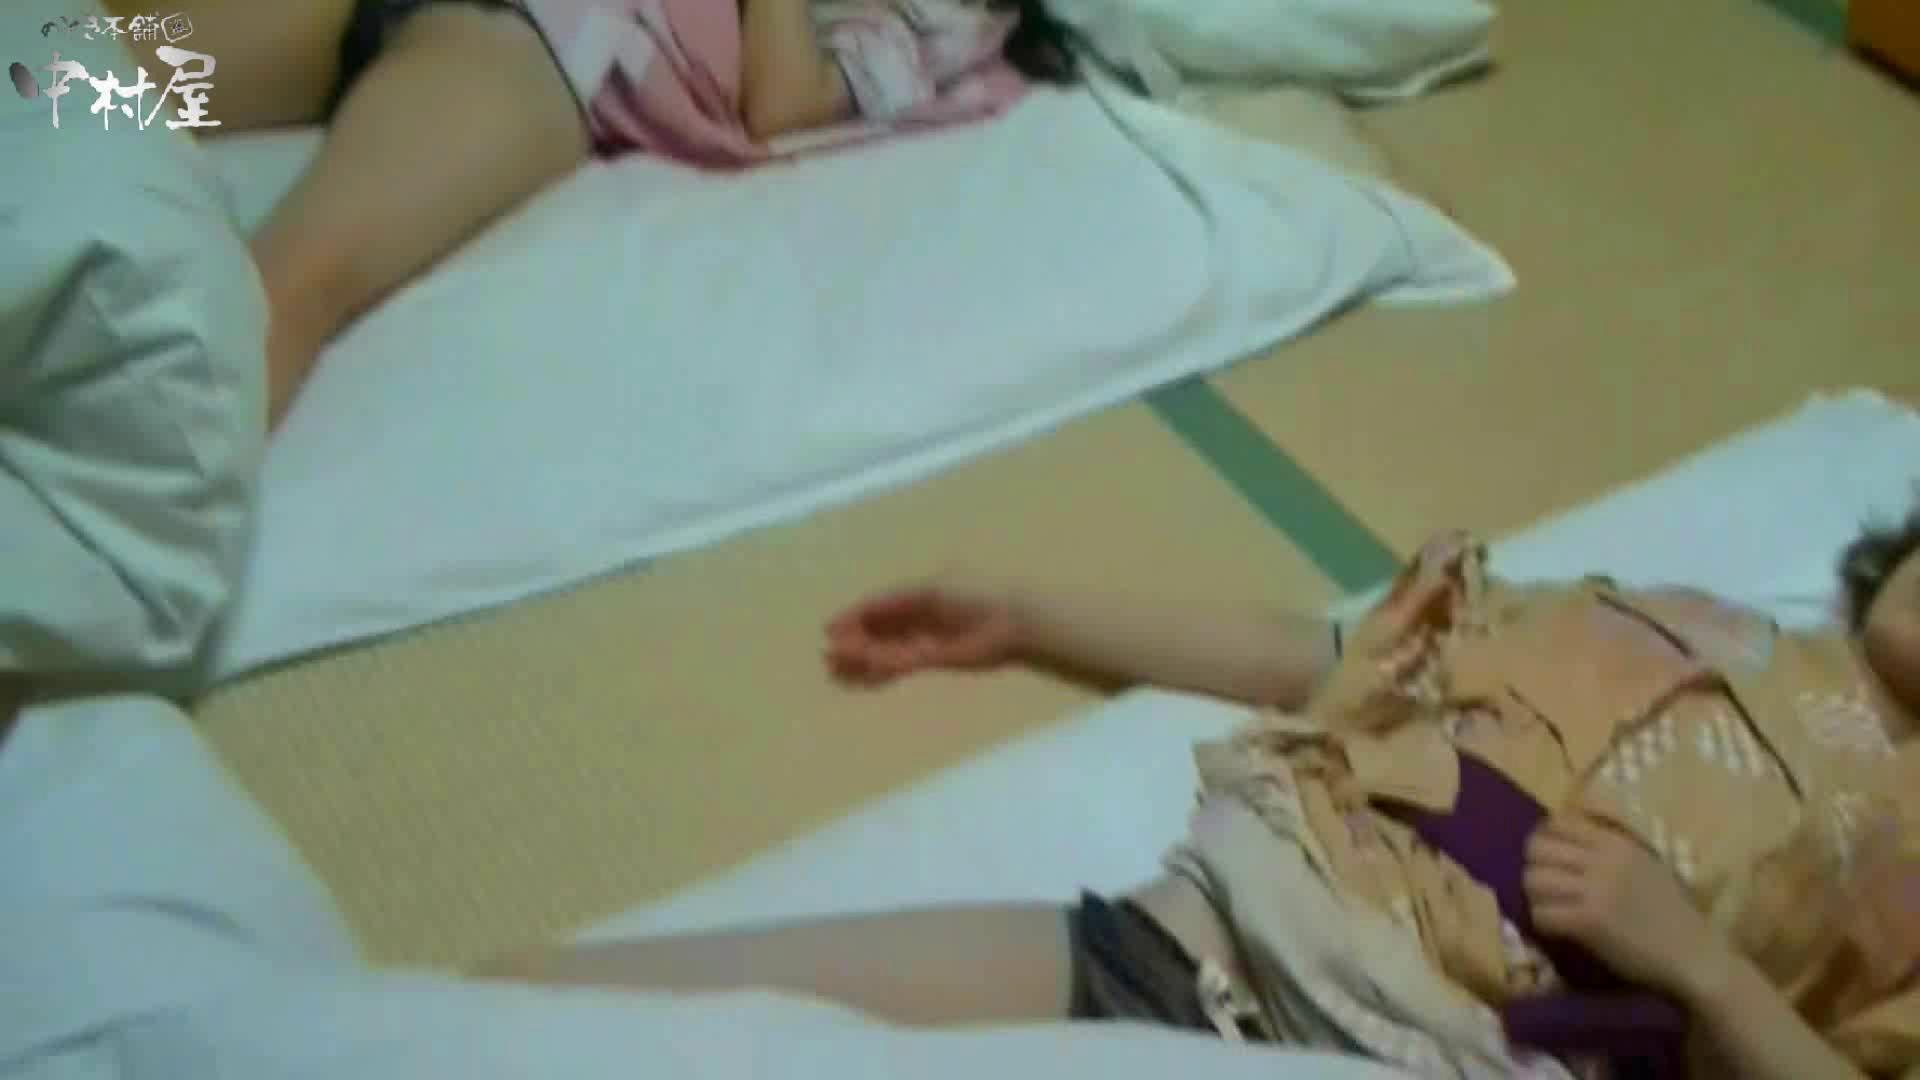 ネムリ姫 vol.18 ホテル のぞき濡れ場動画紹介 96連発 5